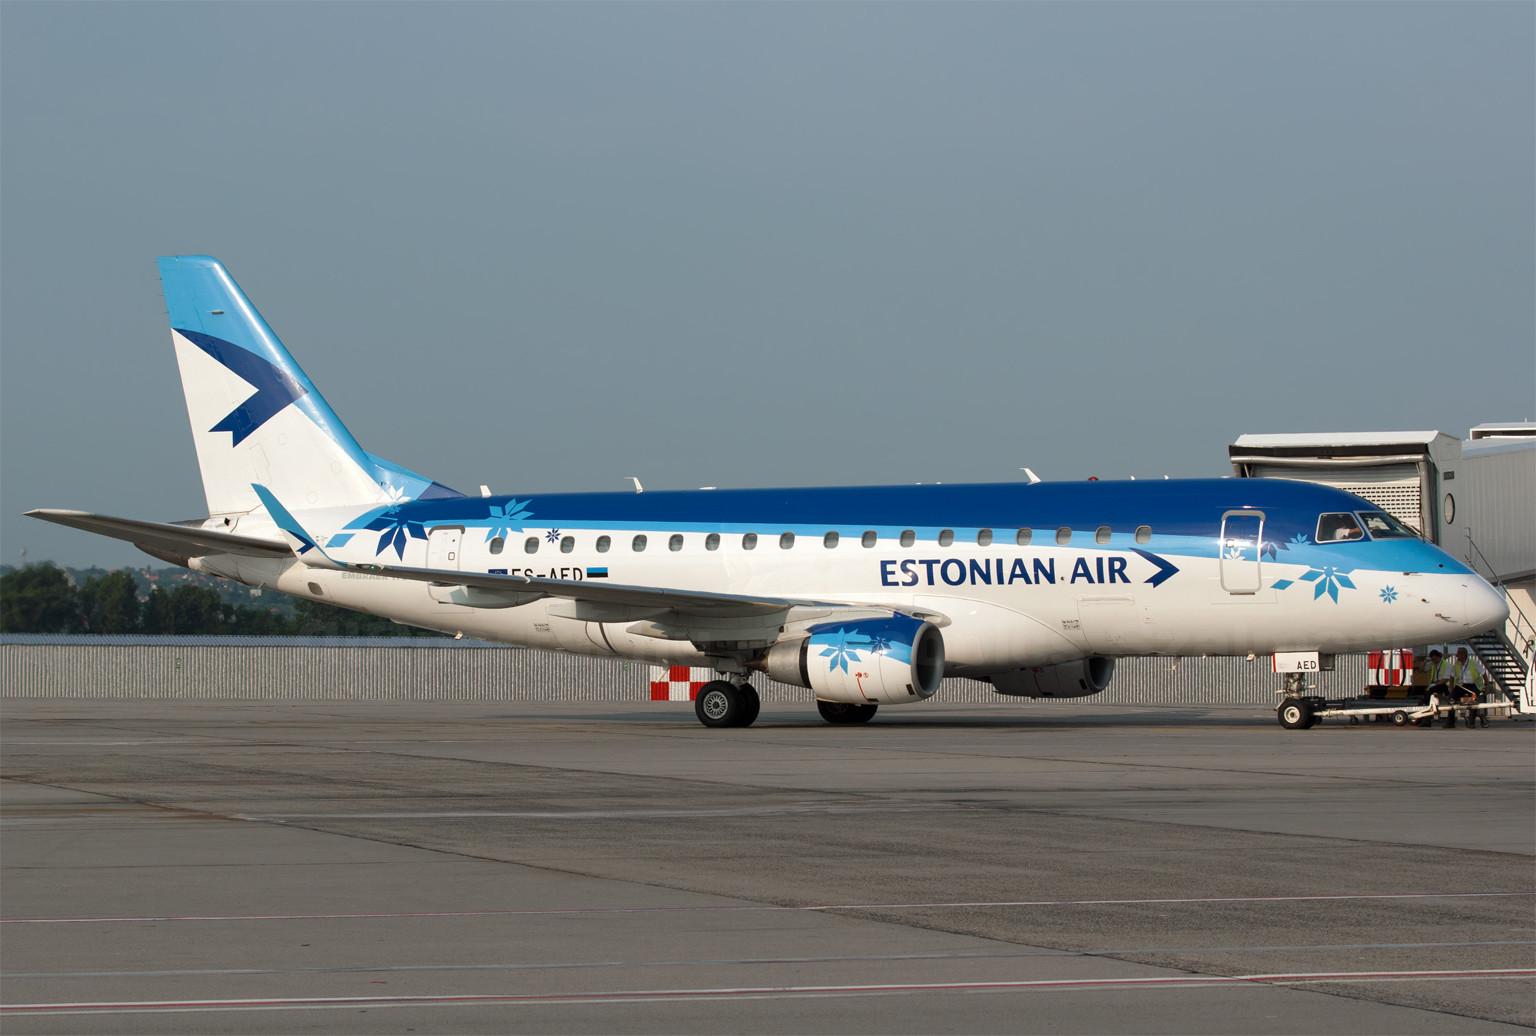 Ha valóban elindul a légitársaság és a budapesti járat, akkor márciustól hetente háromszor találkozhatunk Ferihegyen az észt Embraer 170-essel. (Fotó: Szalmási Szabolcs - AIRportal.hu)   © AIRportal.hu